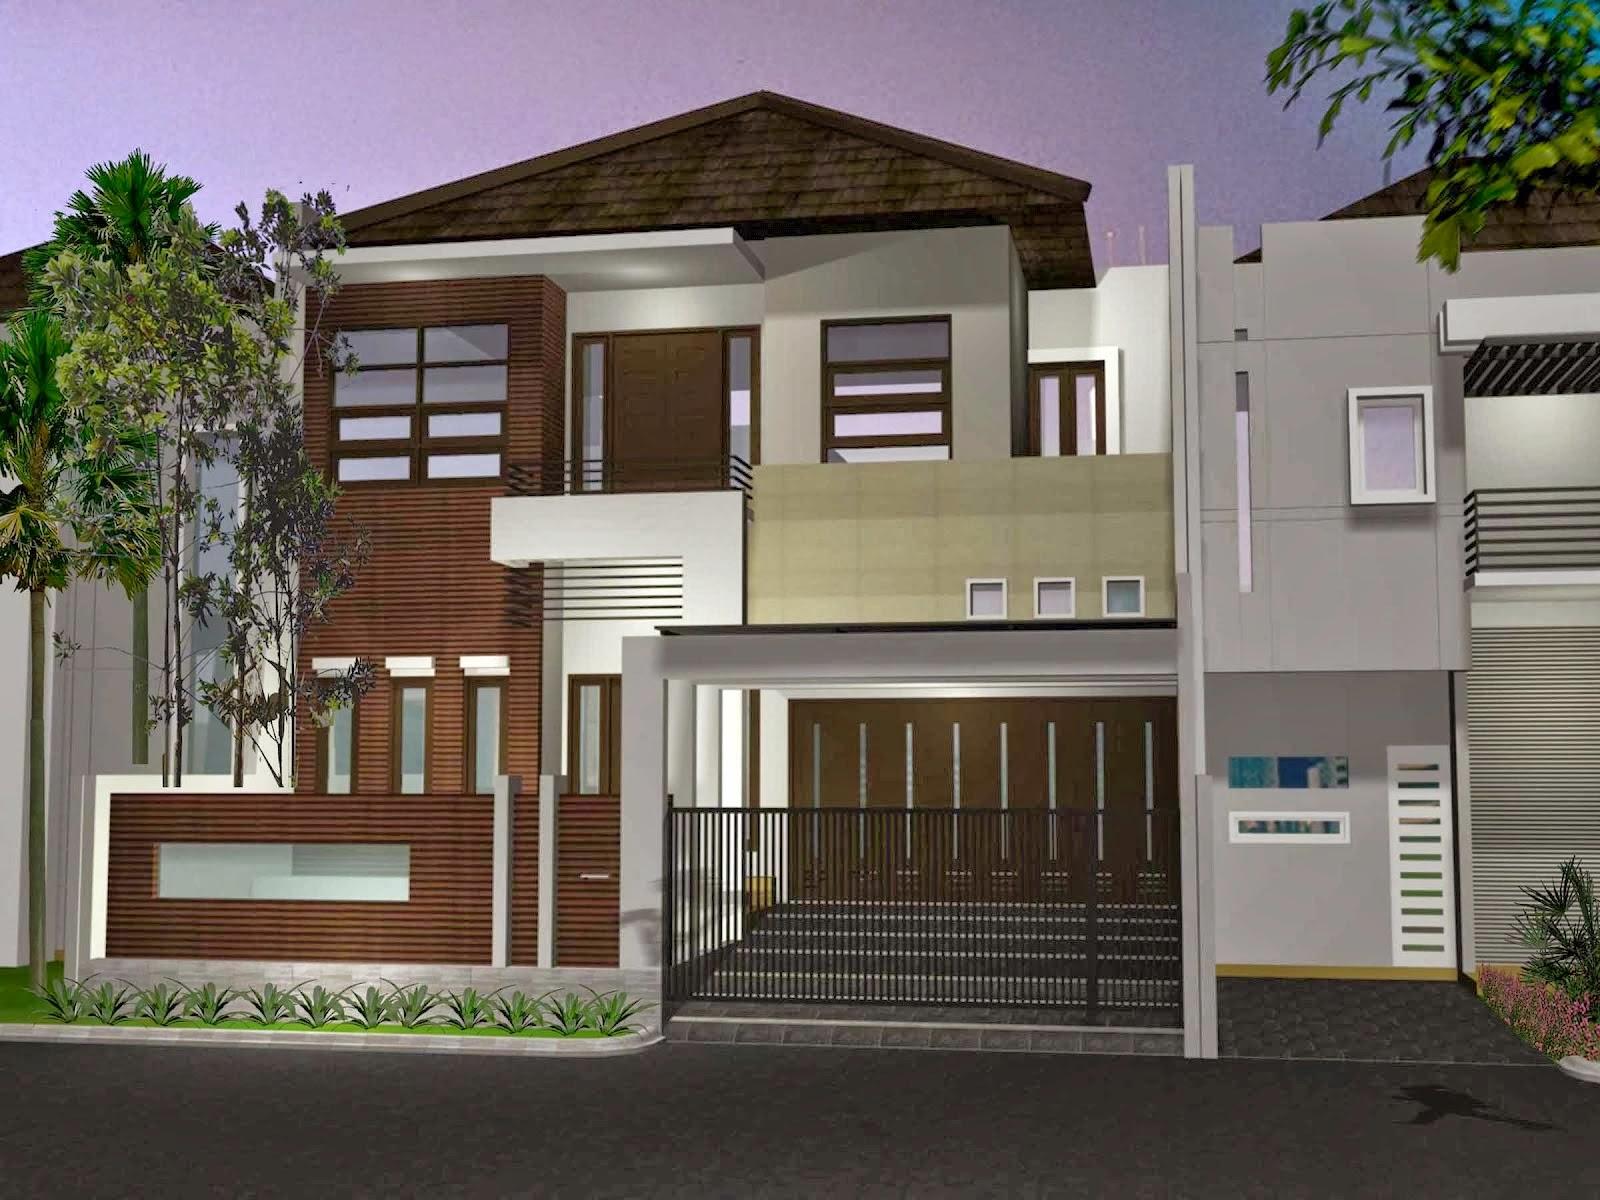 Desain Rumah Berlantai 2 Modern 2014 Desain Properti Indonesia